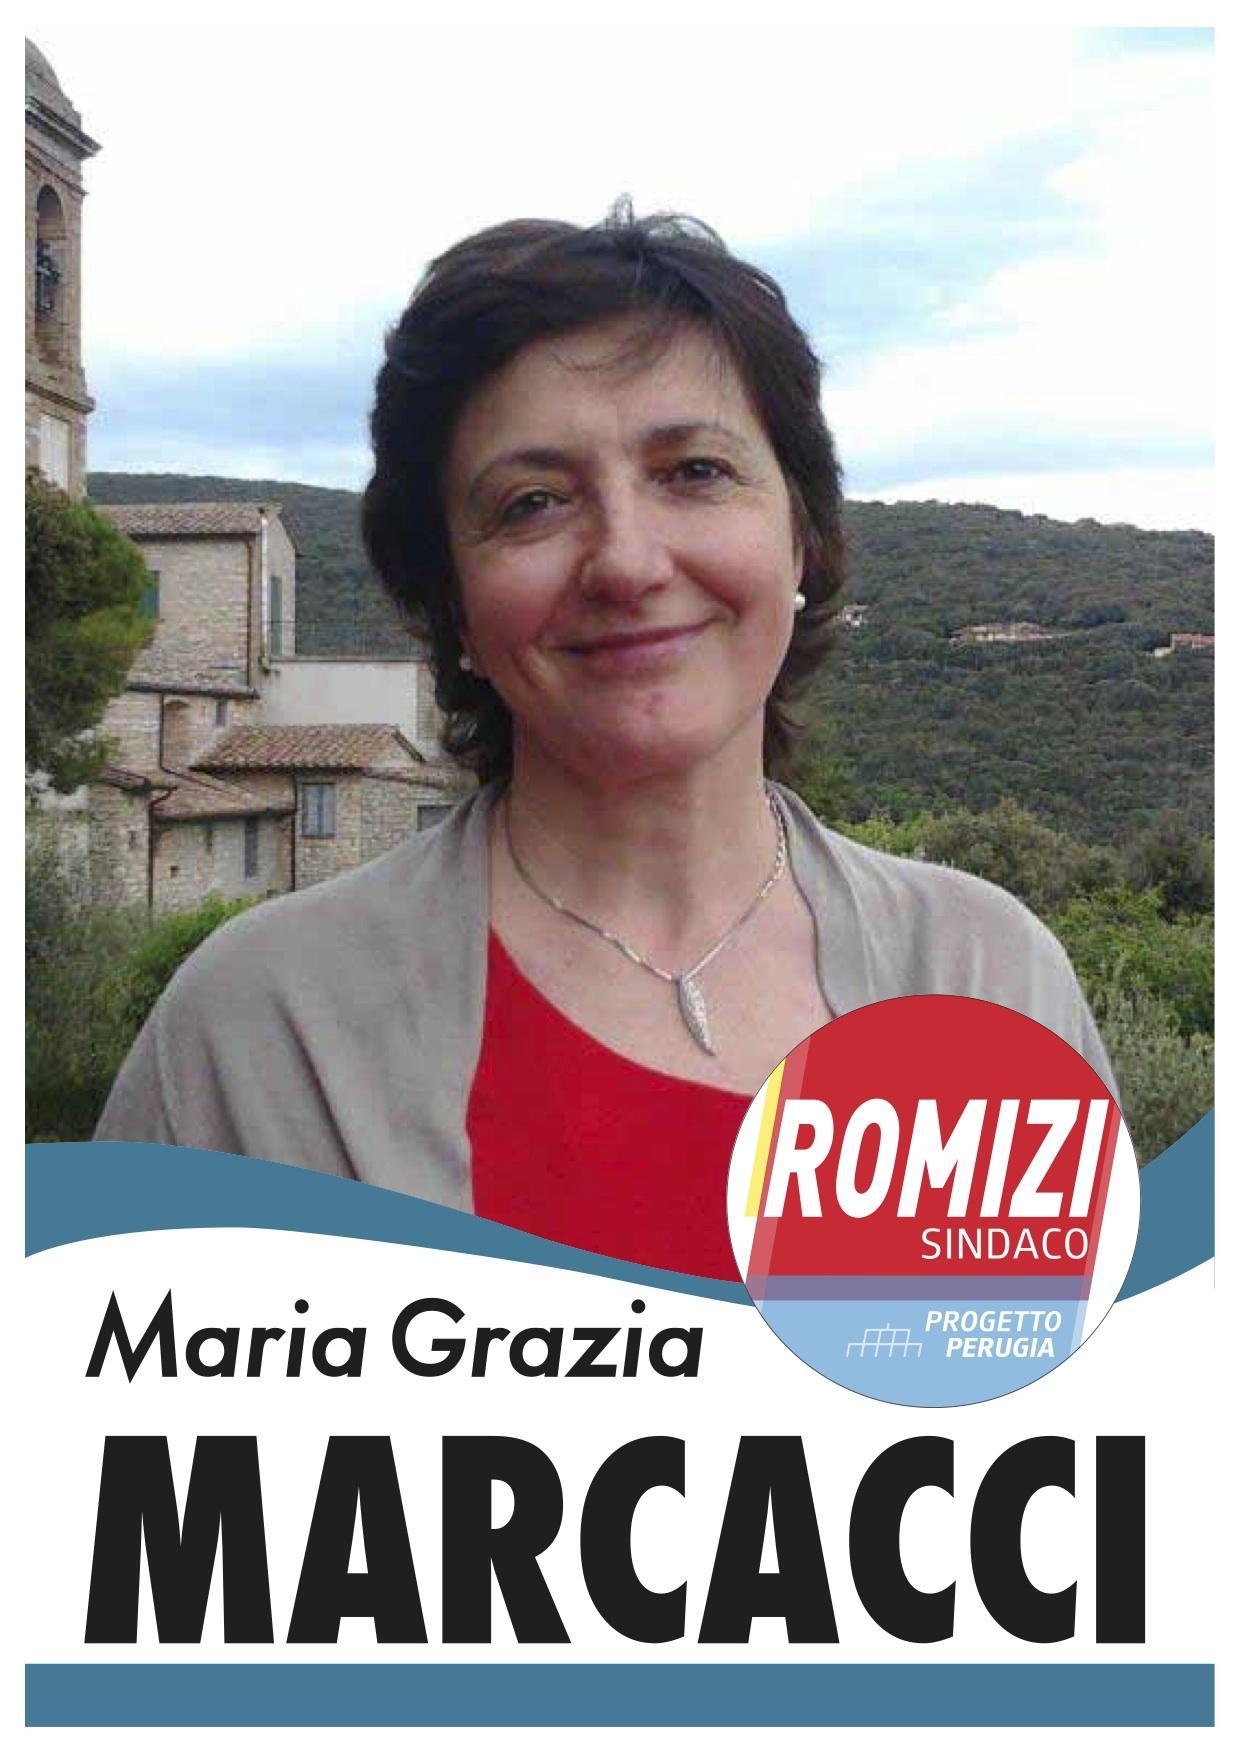 Maria Grazia Marcacci - Consigliere Perugia